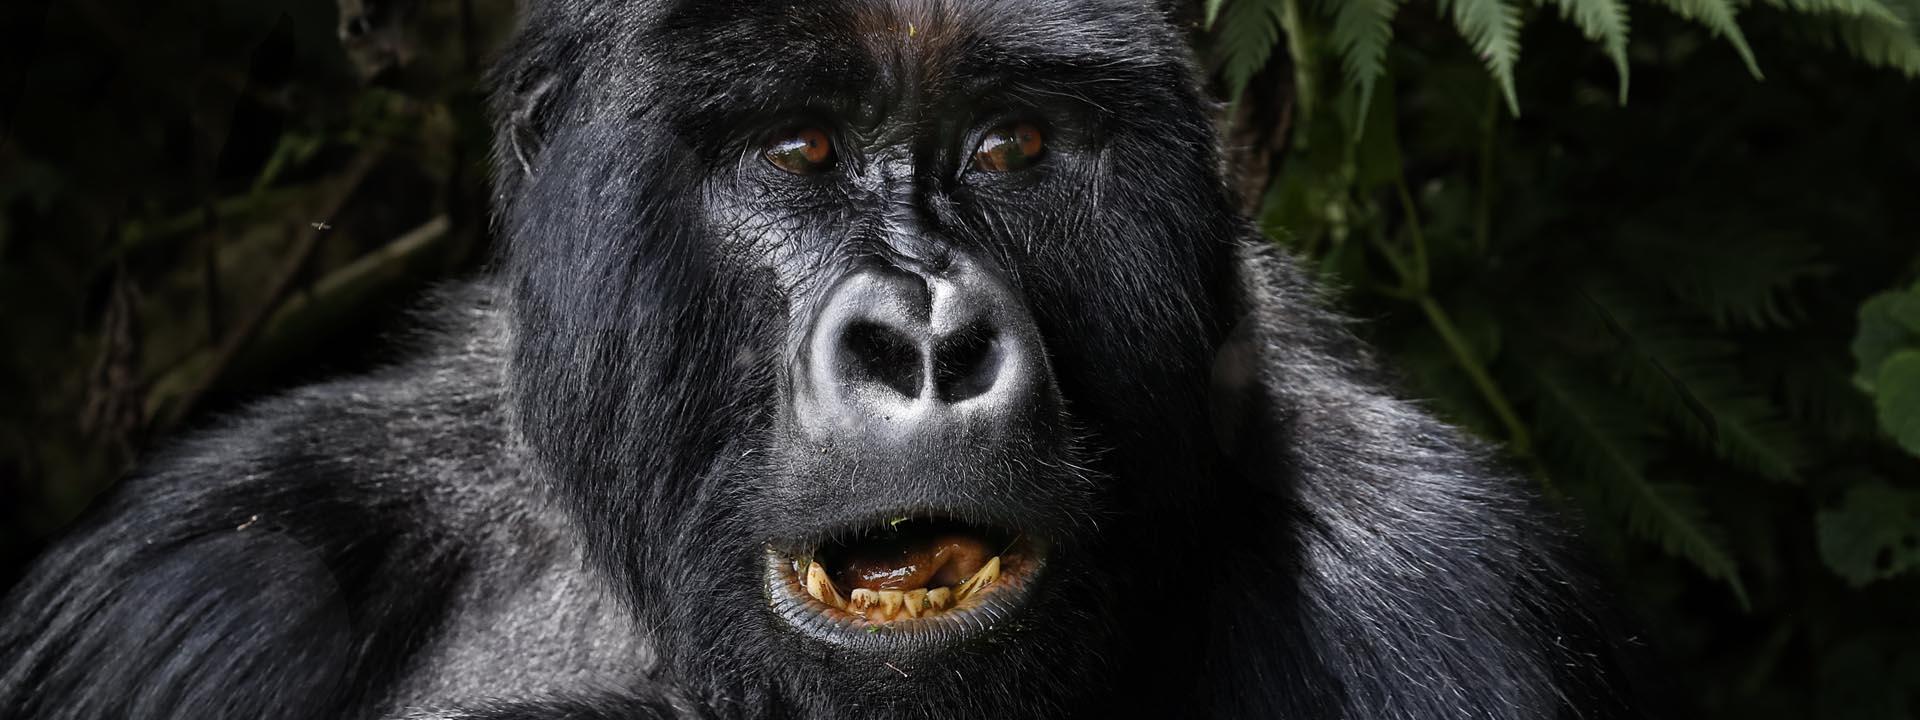 Berggorilla Uganda Zähne